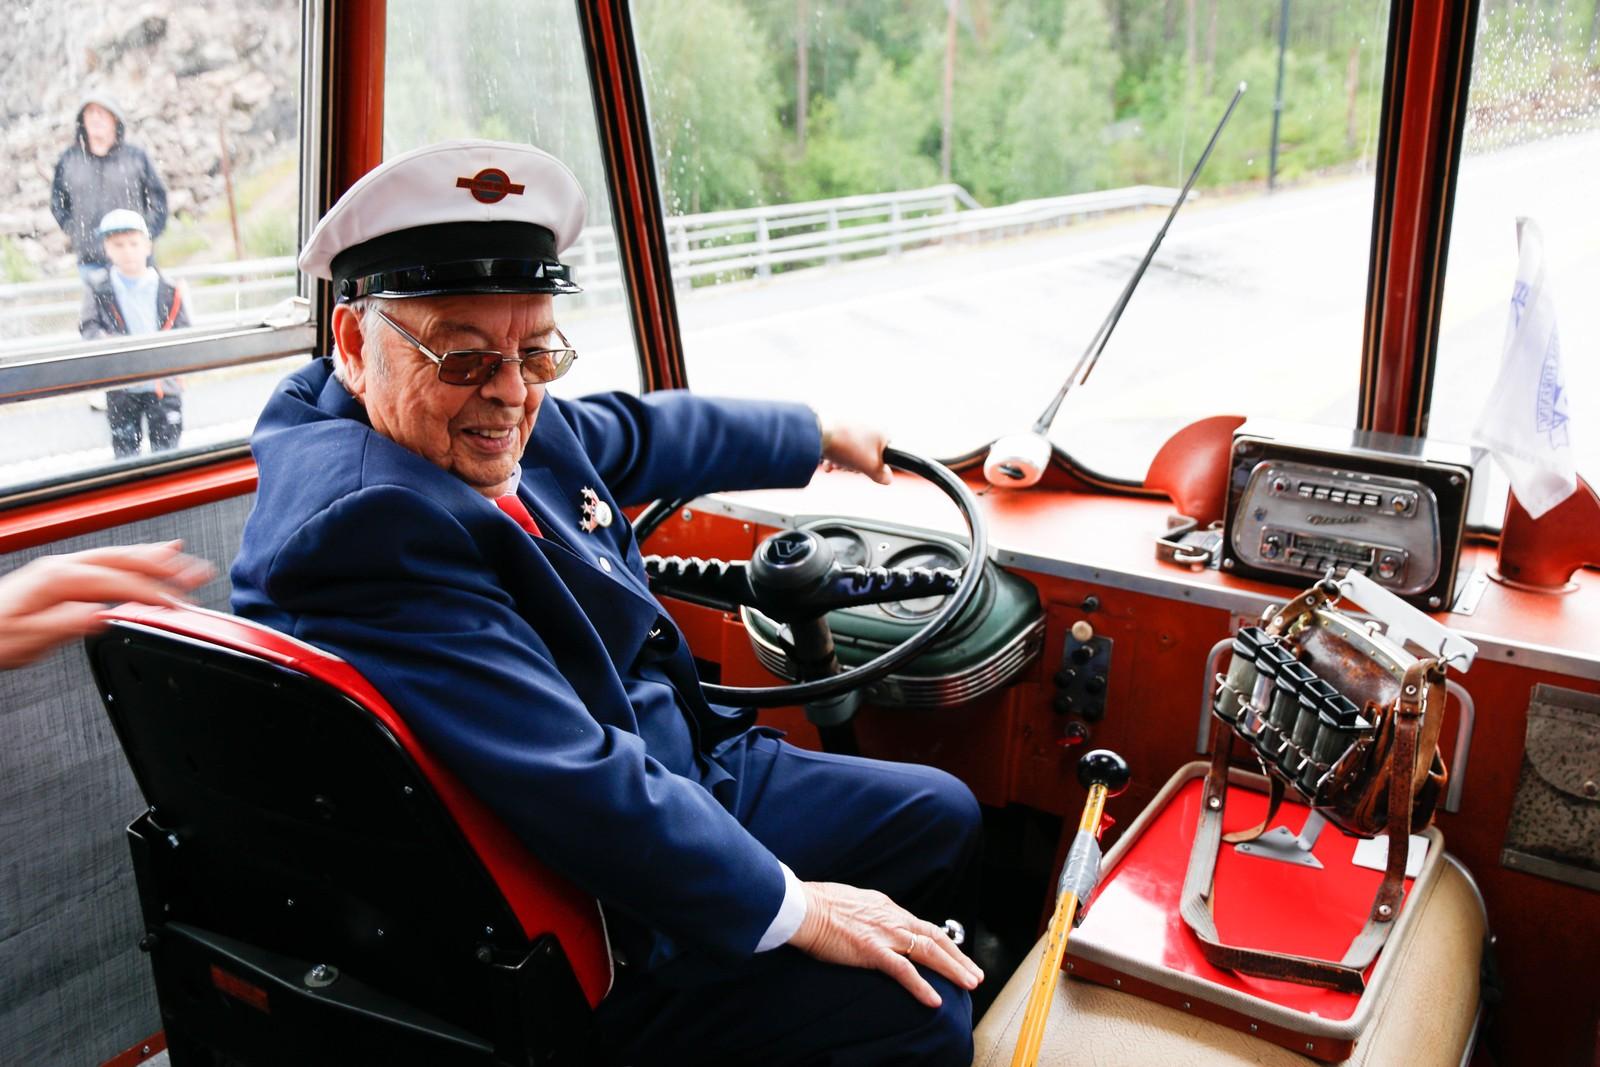 Sjåfør Håkon Råheim er for veteran å rekne sjølv, og fører den gamle bussen trygt fram på nye vegar.